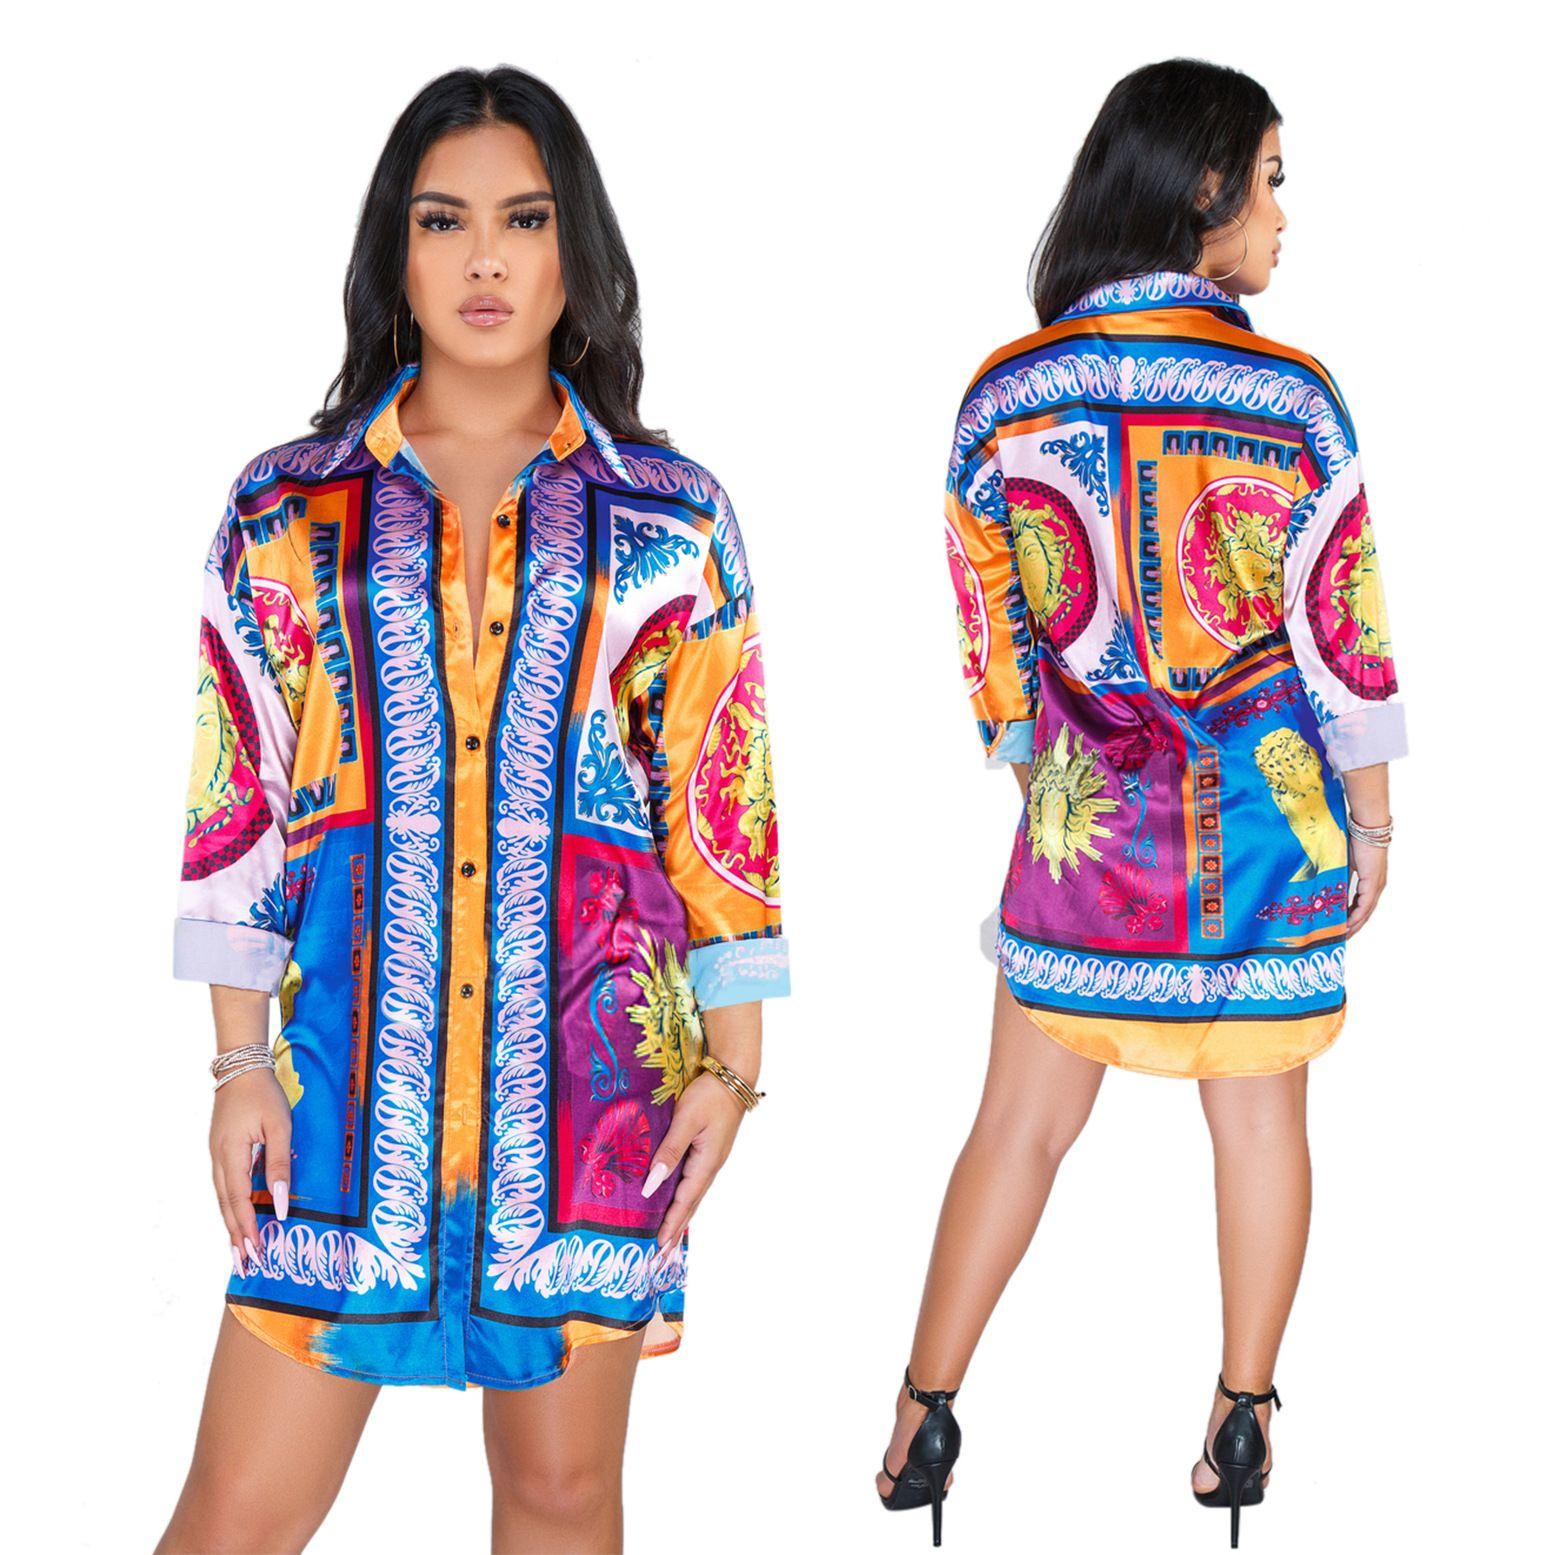 HISIMPLE 2019 Lâche Femmes Africaines New Vintage Imprimer Tournez Le Cou À Manches Longues Mini Robe Chemise Casual Robes Vestidos Casual Outfit S-2XL